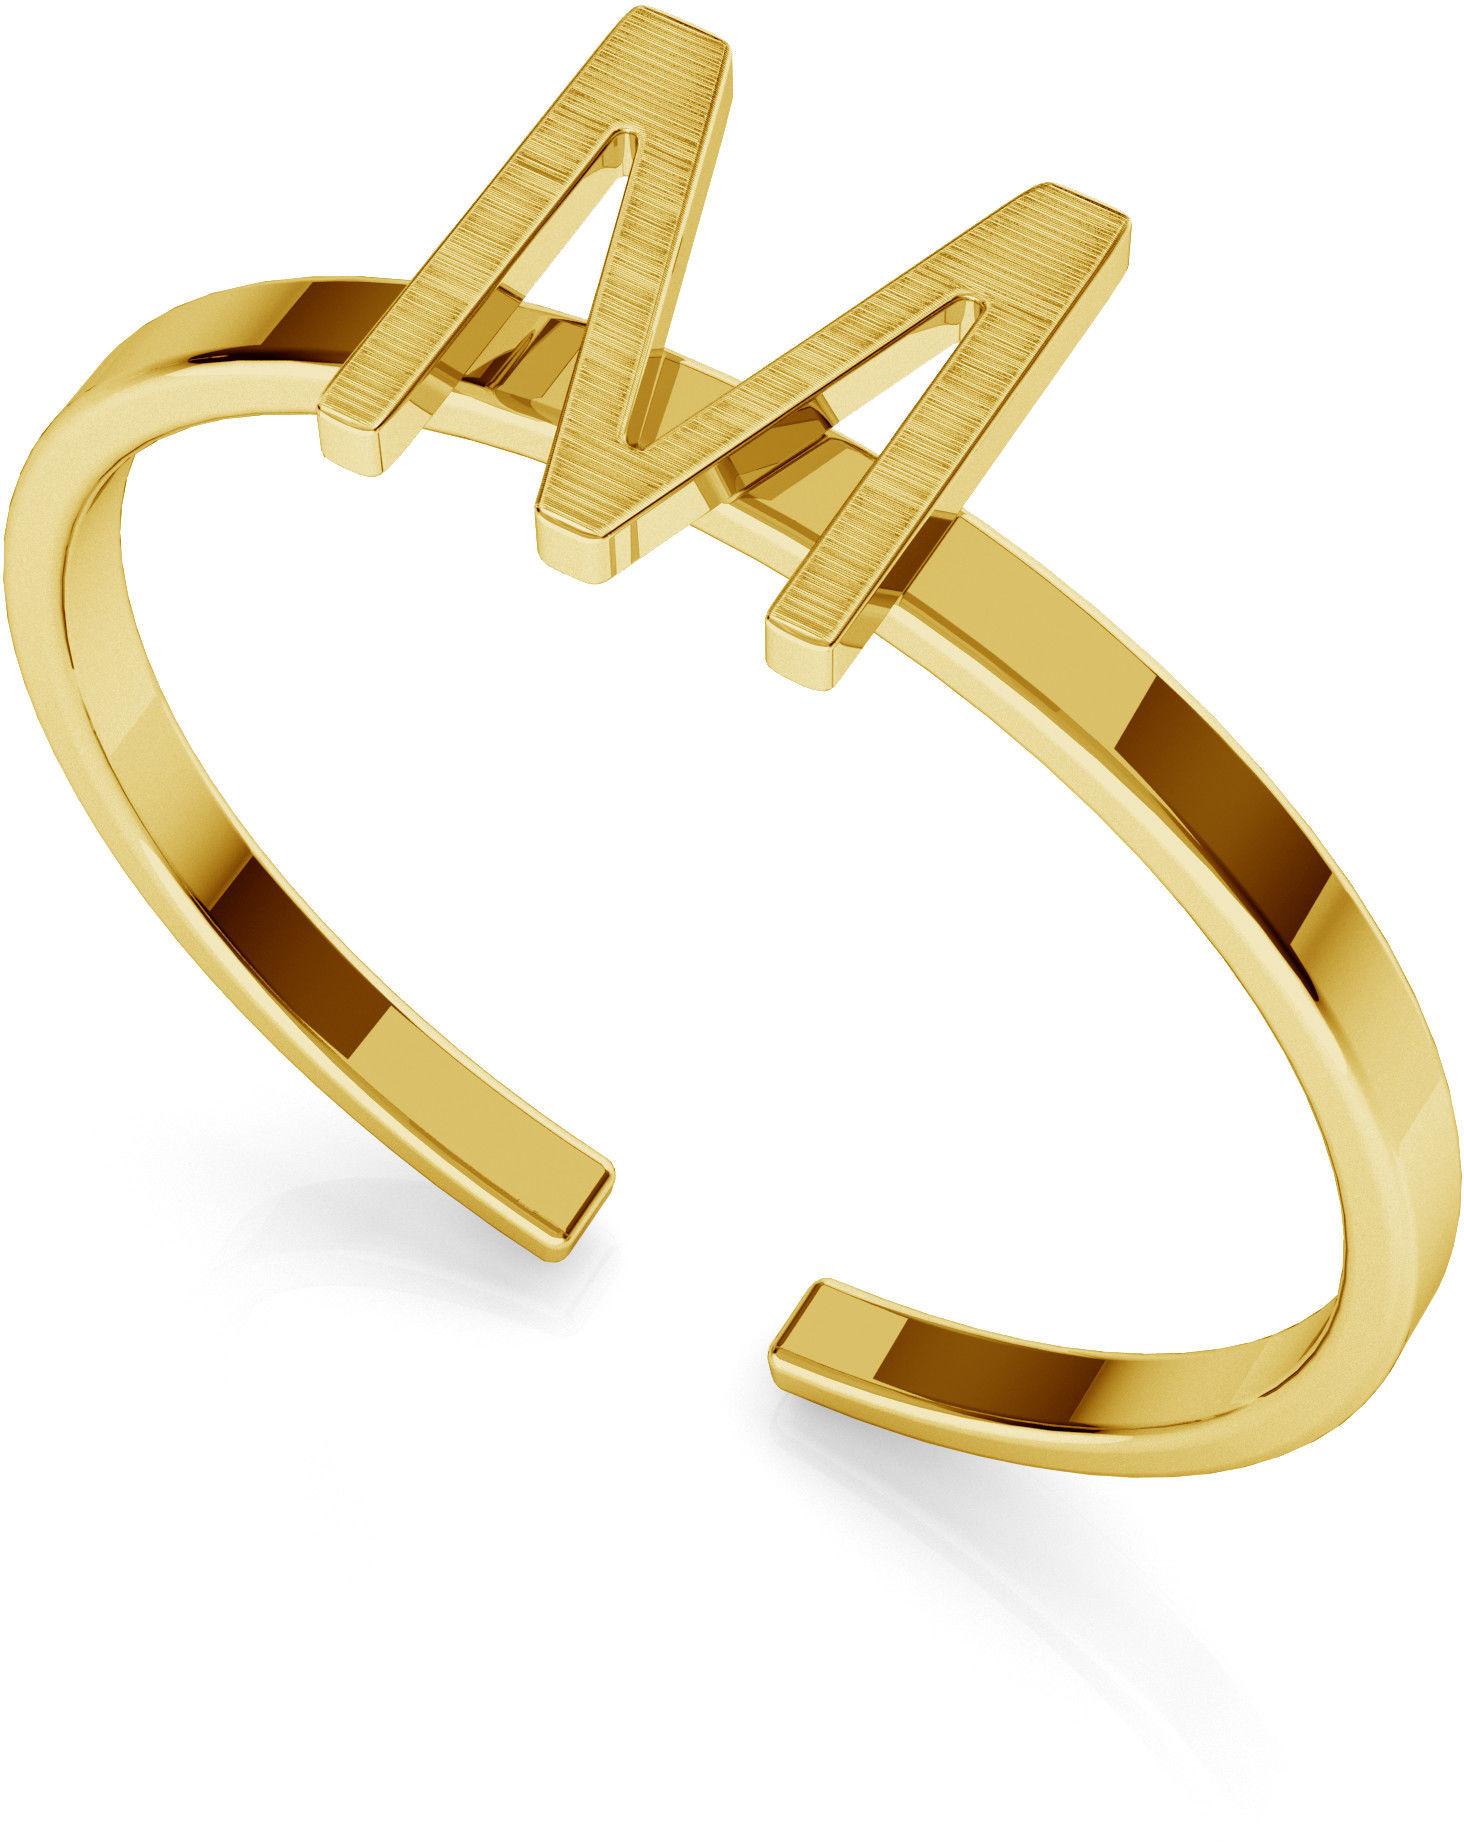 Srebrny pierścionek z literką My RING, srebro 925 : Litera - B, Srebro - kolor pokrycia - Pokrycie żółtym 18K złotem